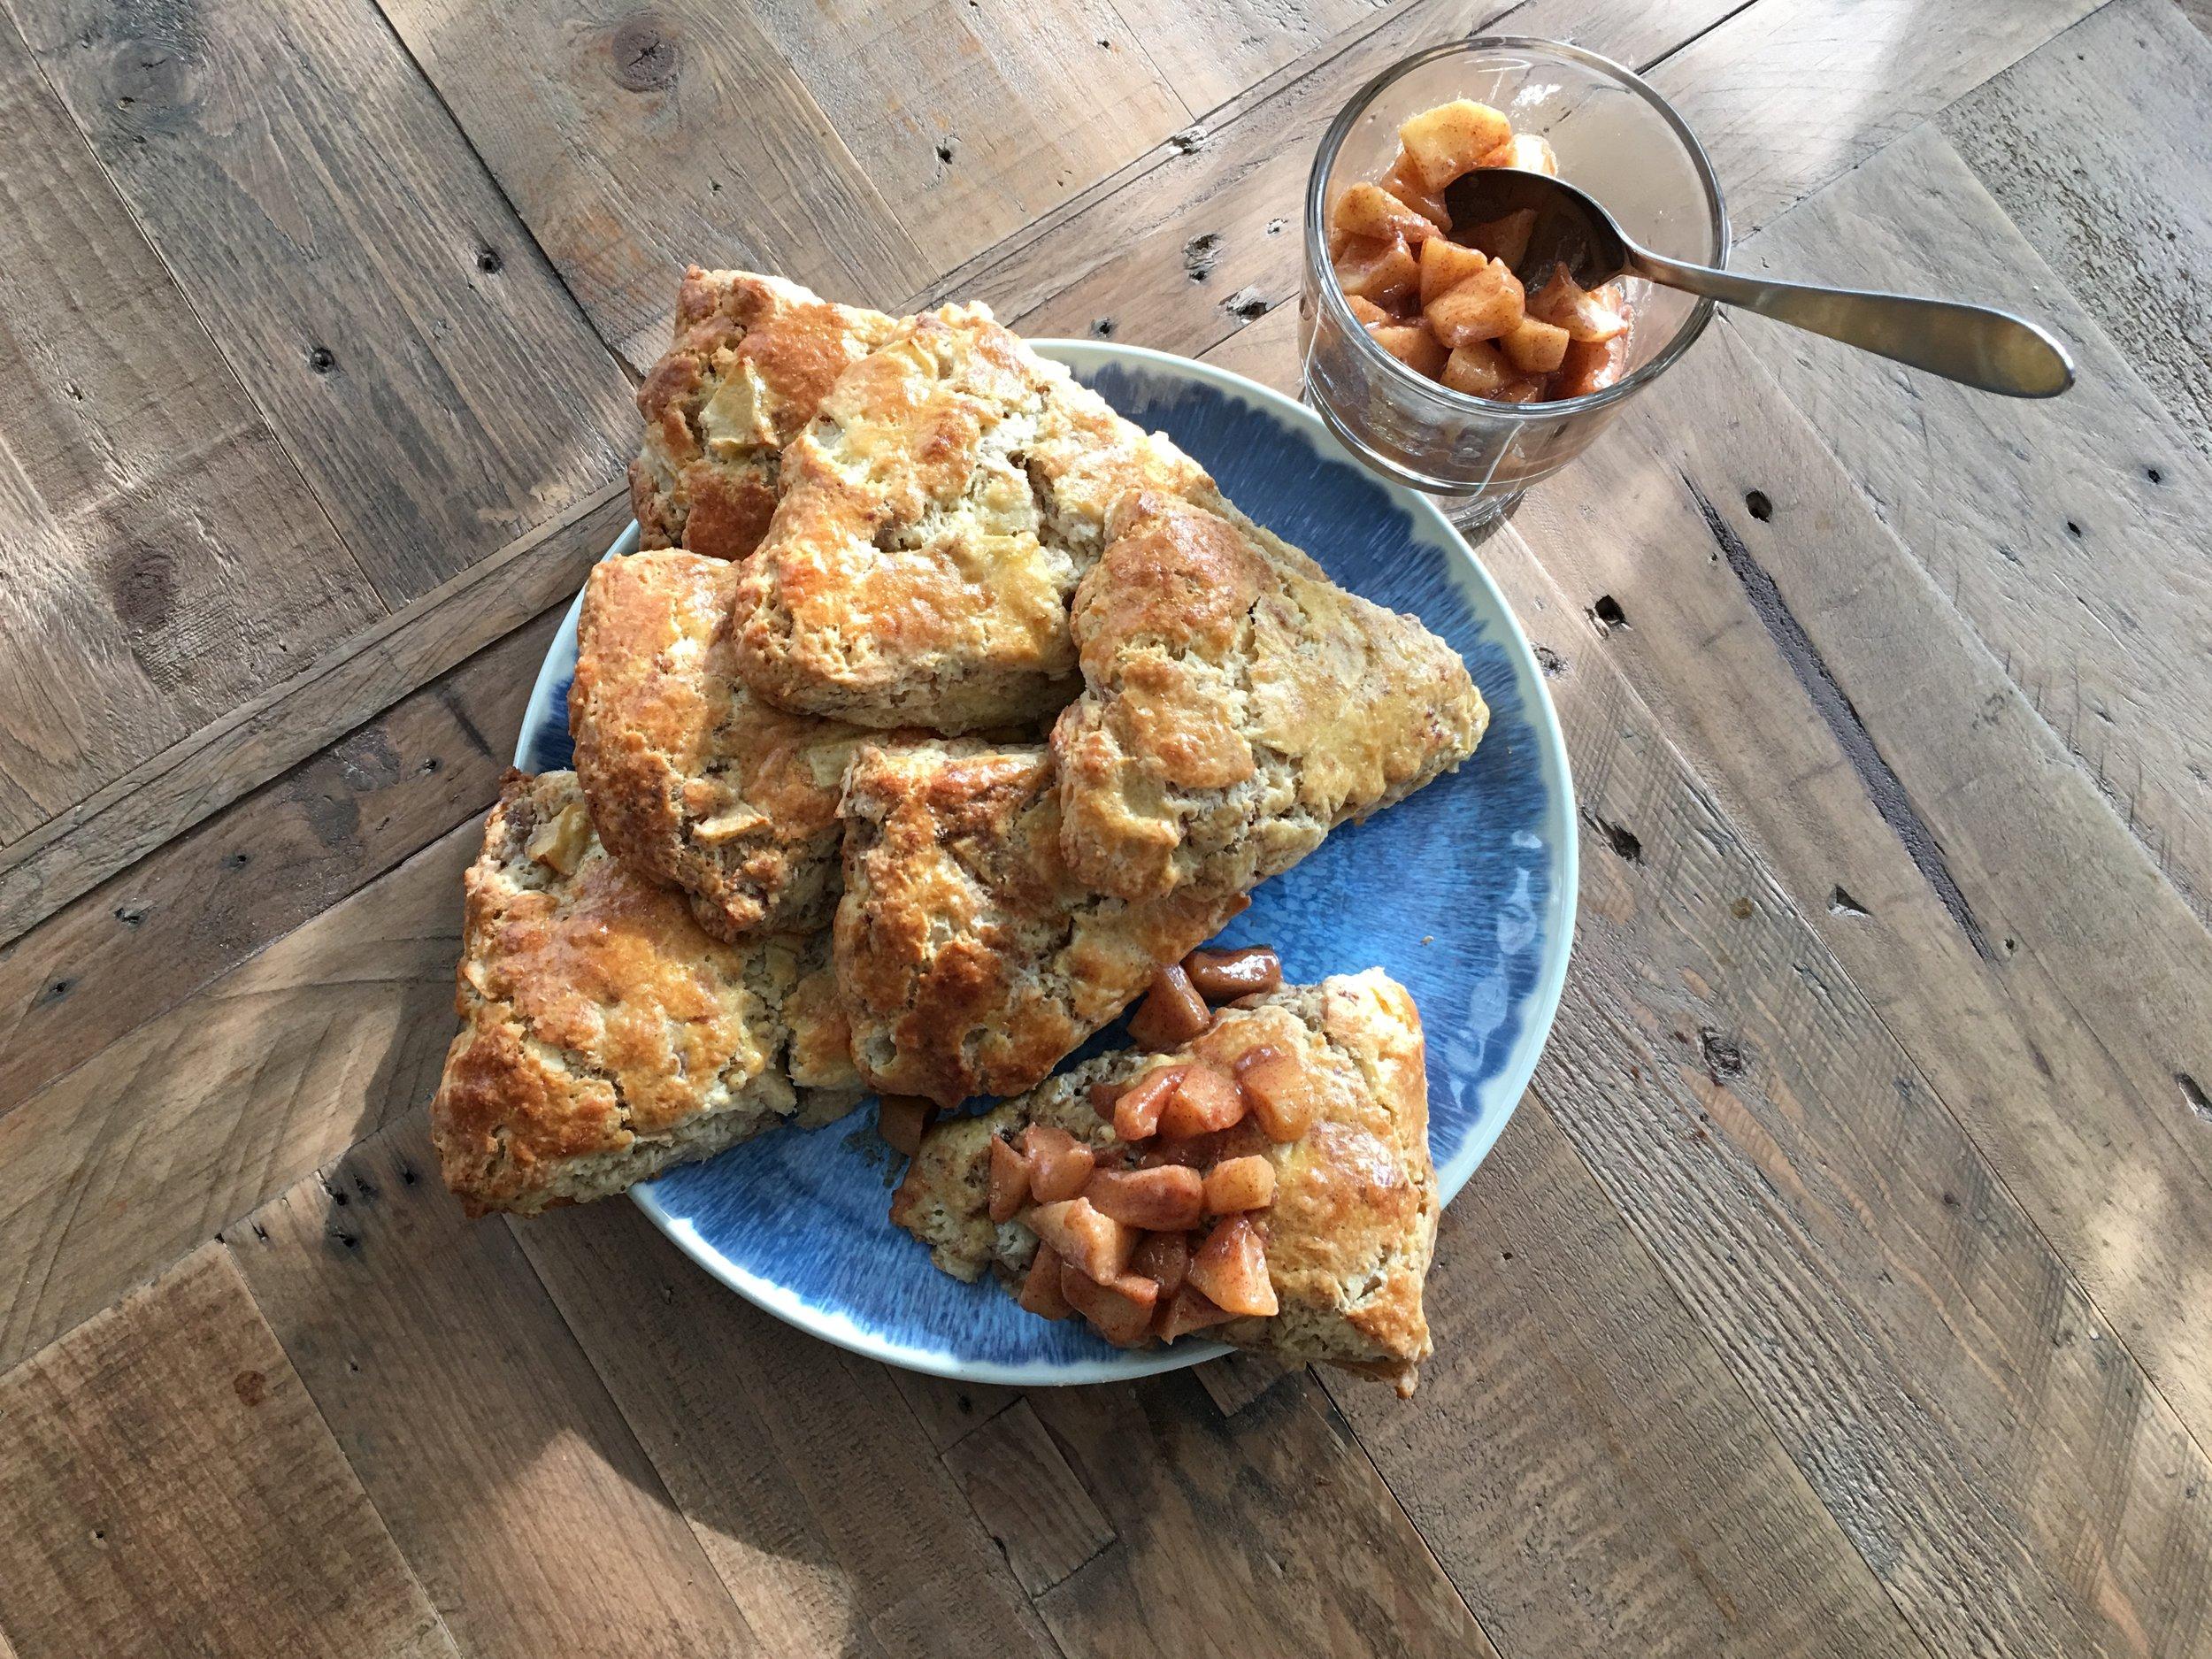 the Apple pie scone -